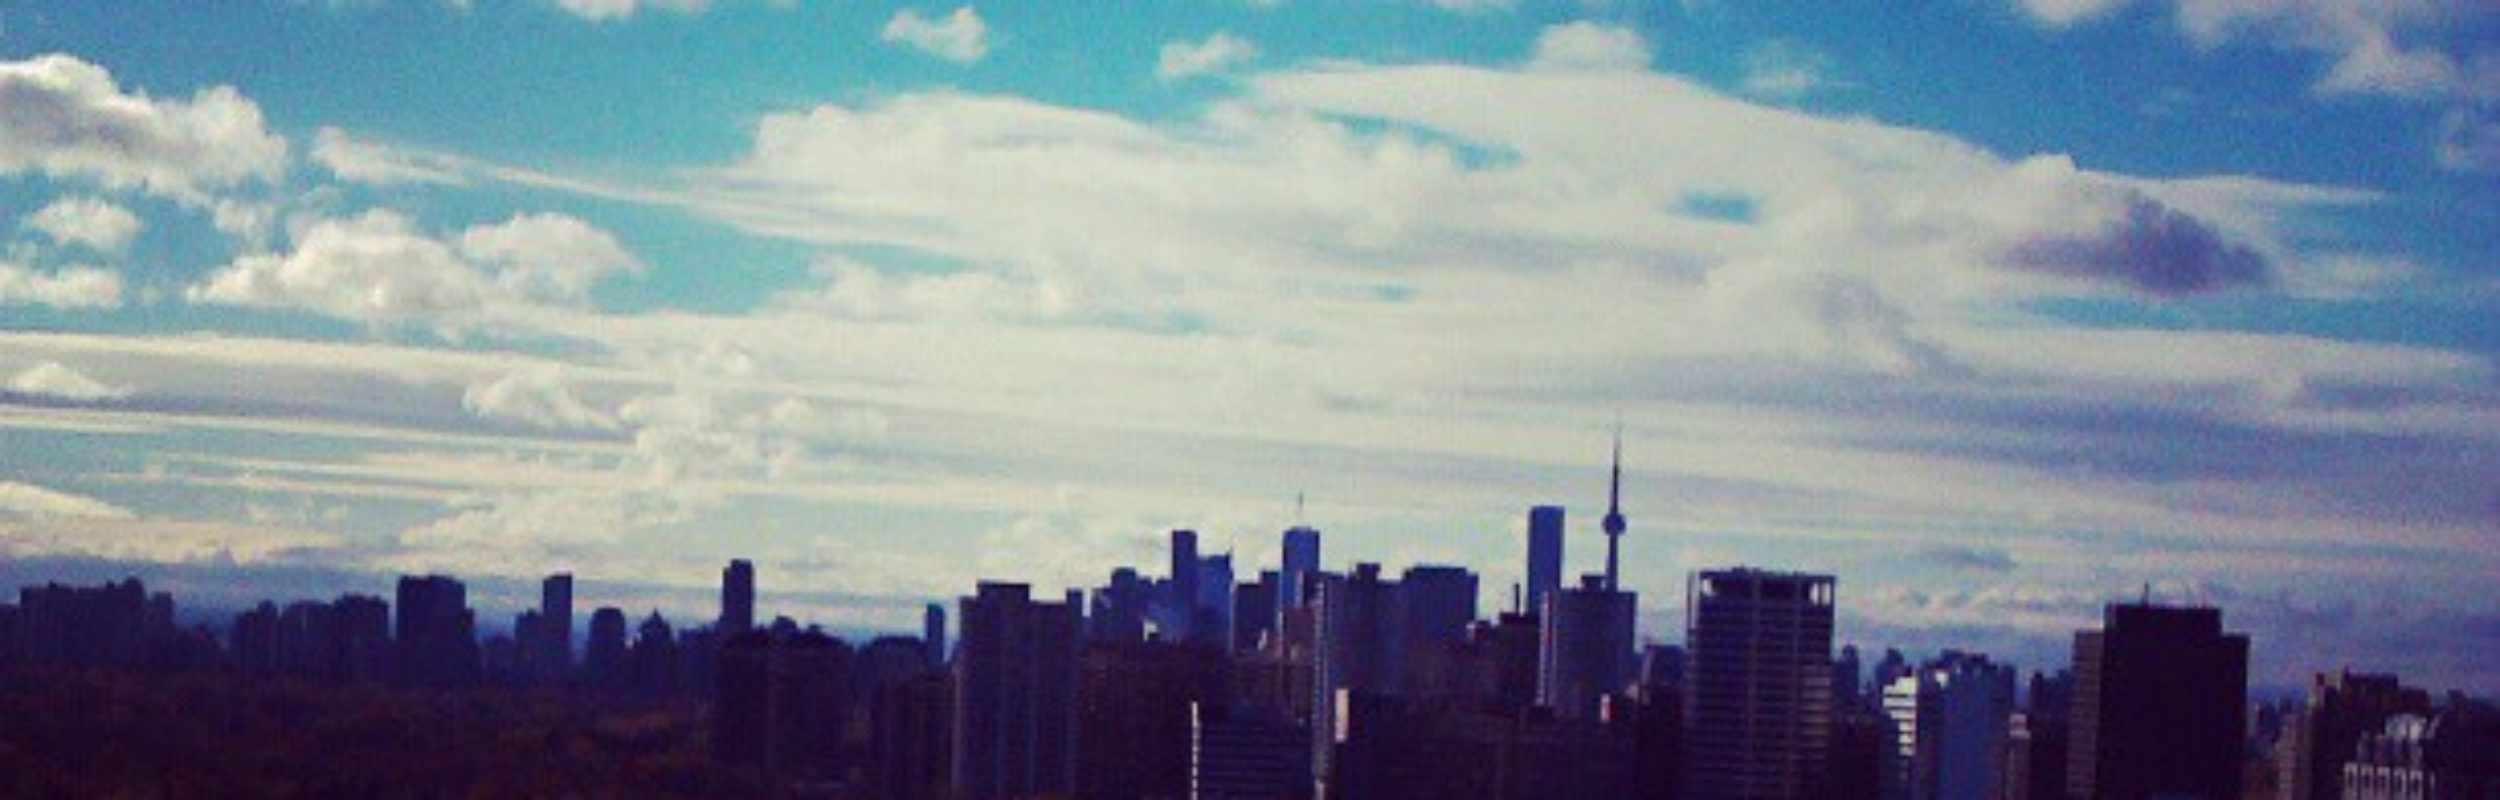 Notre première semaine de PVT à Toronto en images